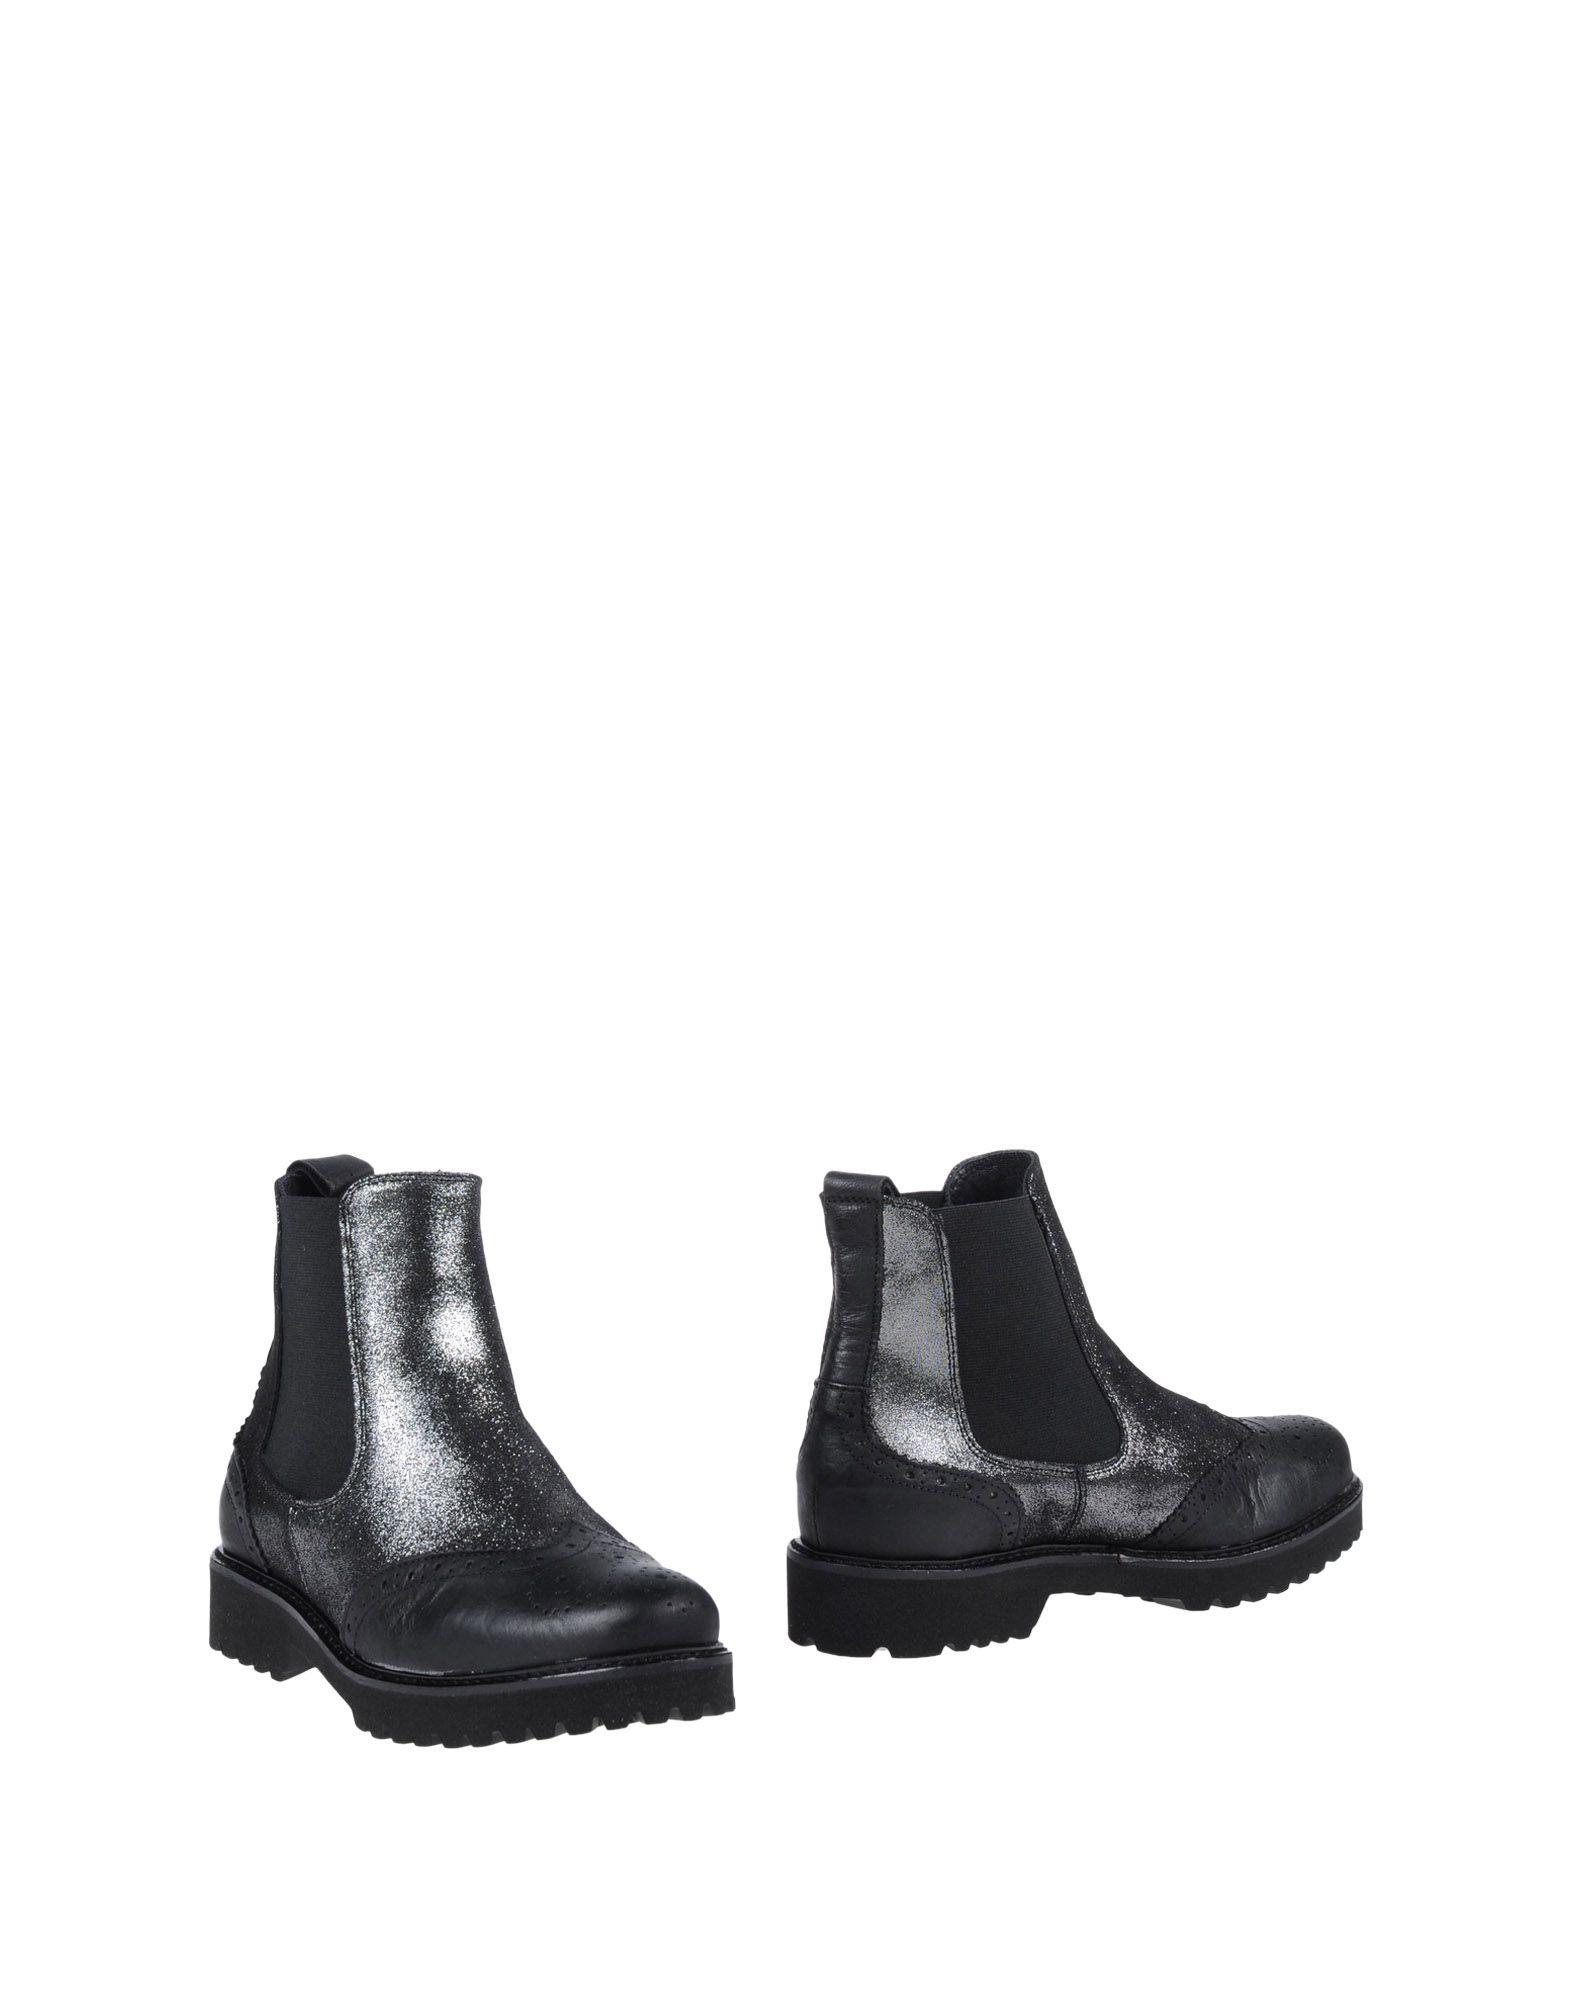 Bottillons Le Gatte Gatte Gatte femmes - Bottillons Le Gatte Noir Nouvelles chaussures pour hommes et femmes remise limitée dans le temps ed026e